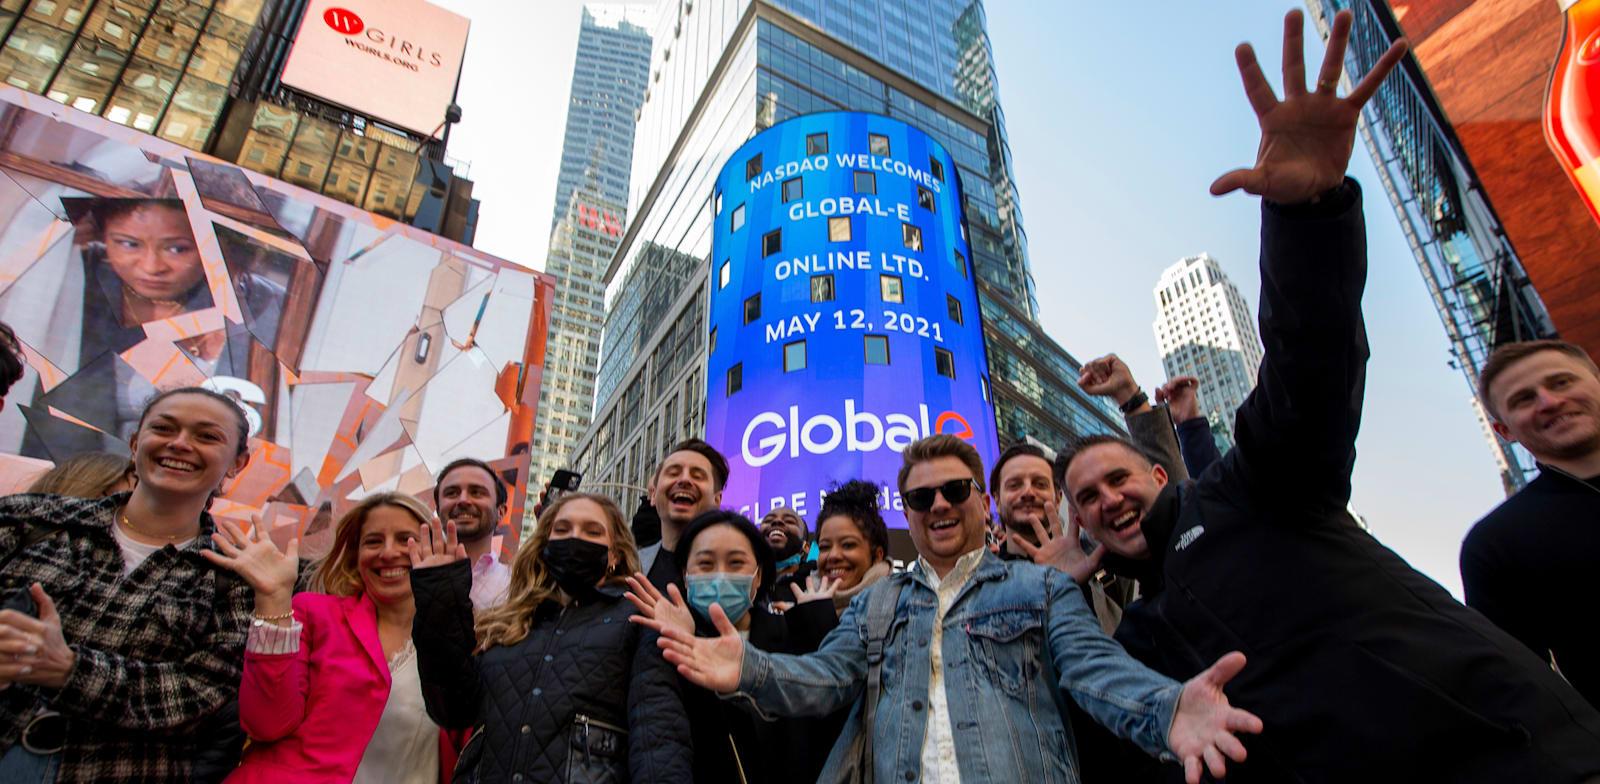 """הנפקת Global E בנסדא""""ק / צילום: ספייס קאט"""